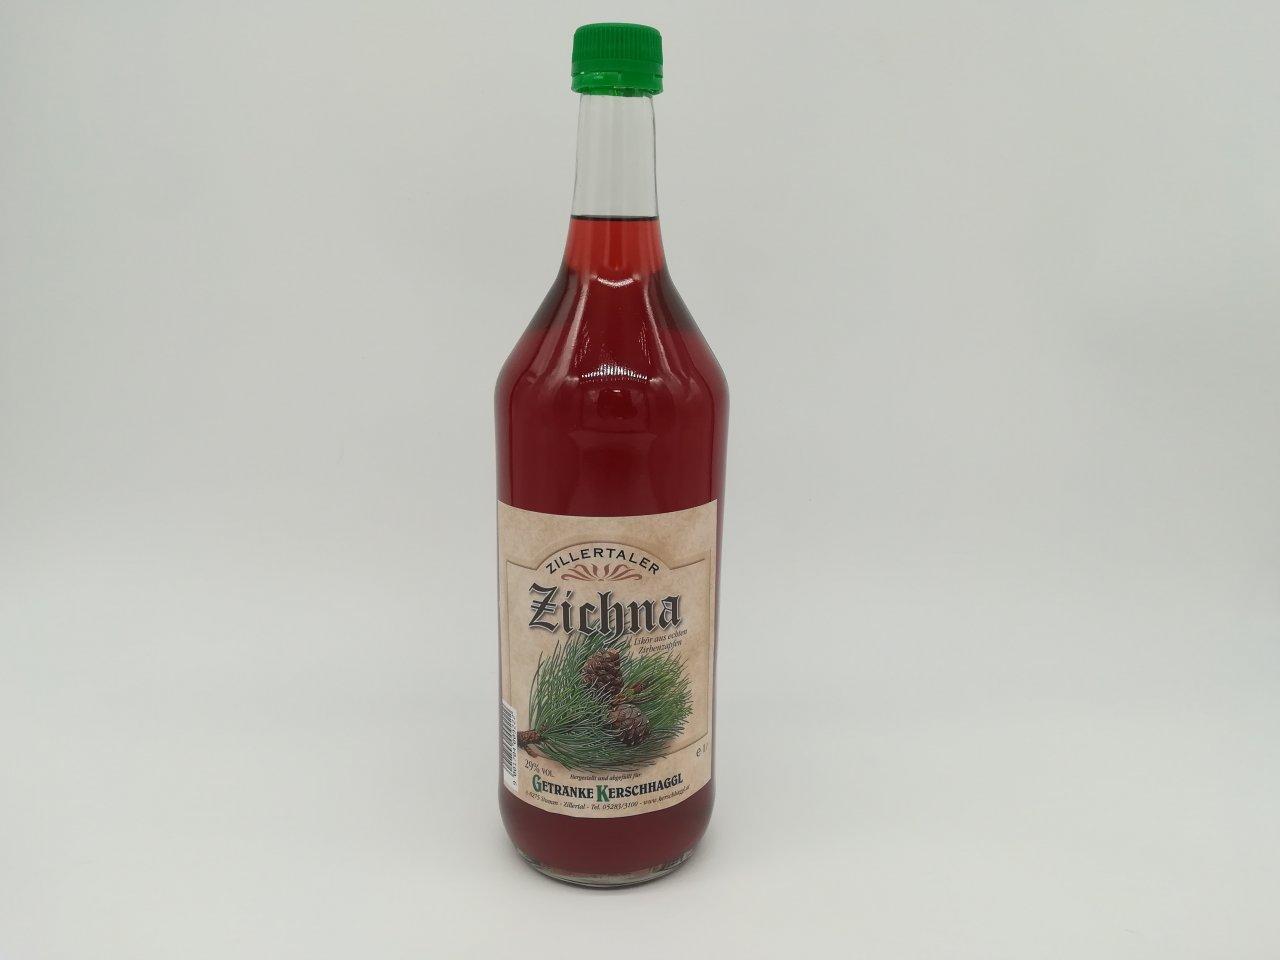 Zillertaler Zichna 29% Alkohol 1 Liter